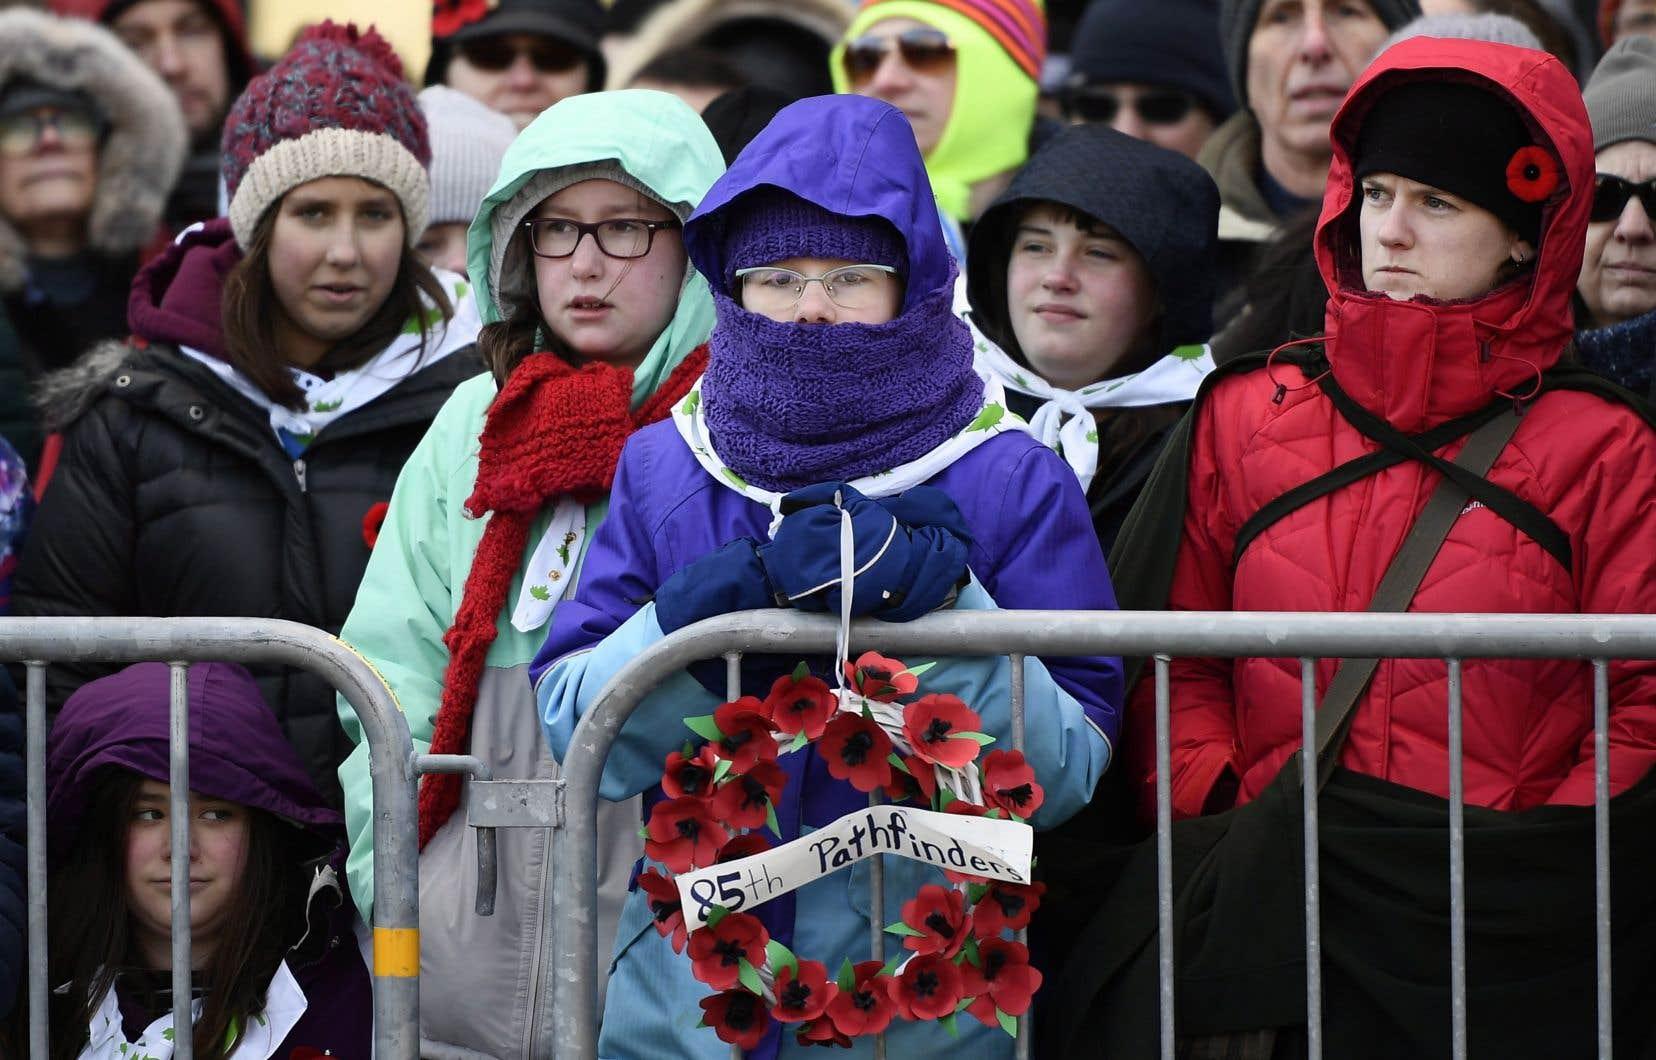 Des citoyens ont bravé le froid mordant pour assister à la cérémonie pour commémorer le centenaire de l'Armistice à Ottawa.